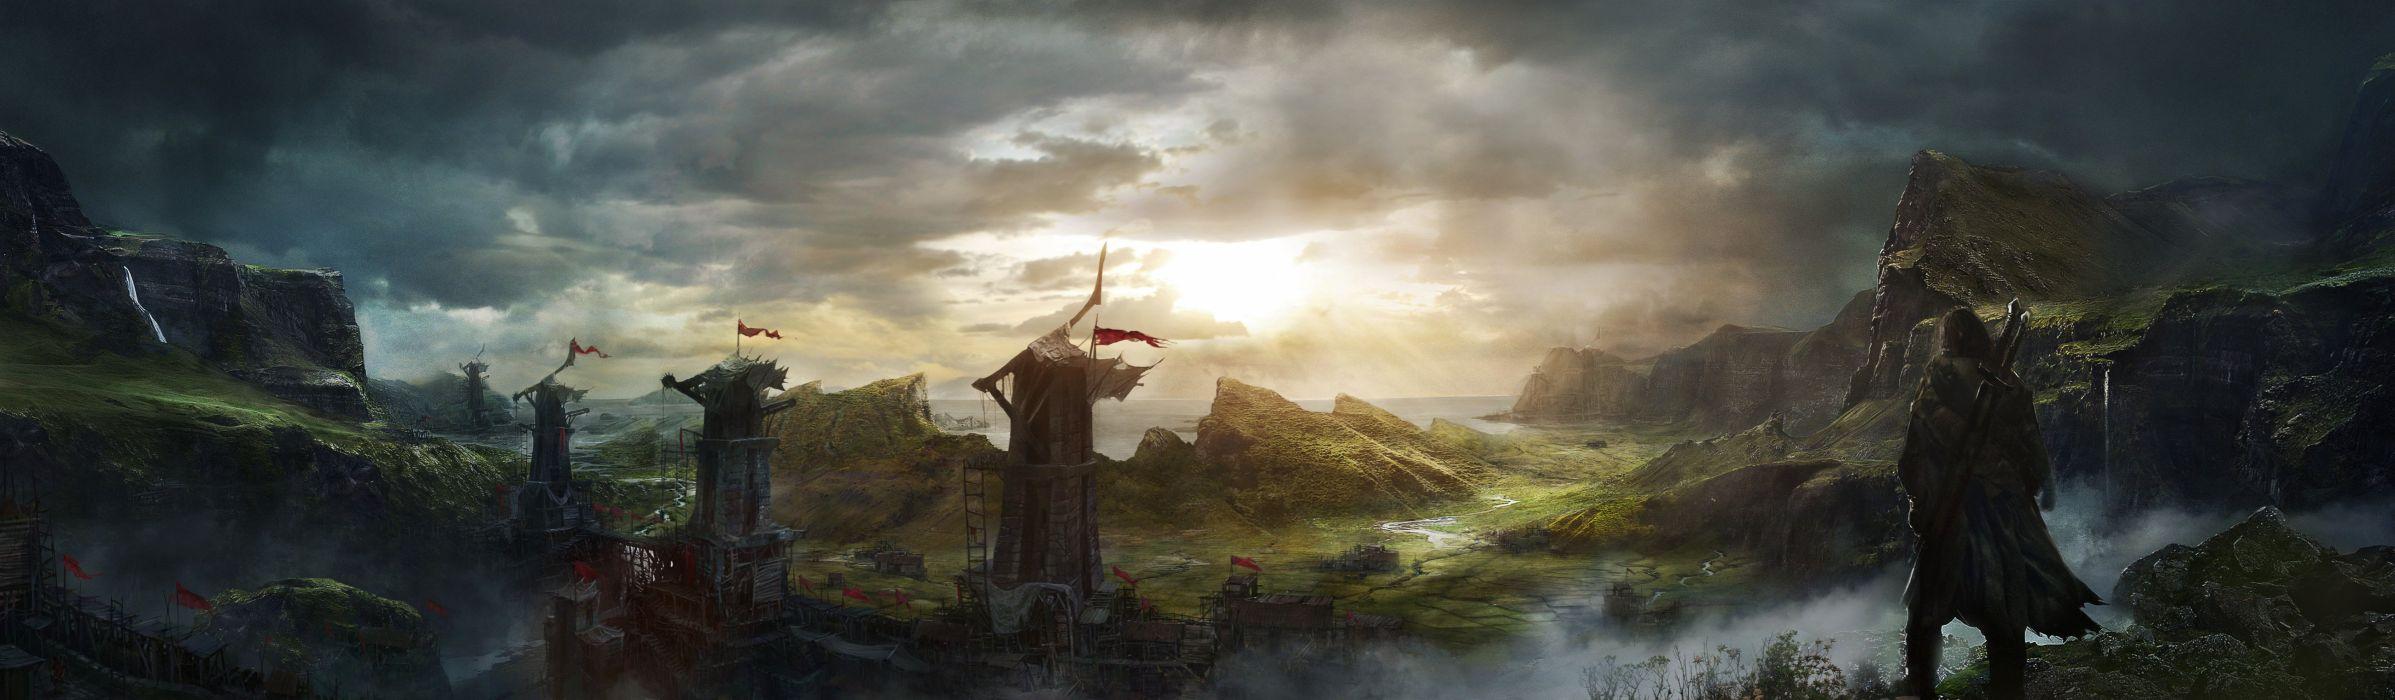 middle earth shadow mordor action adventure fantasy lotr